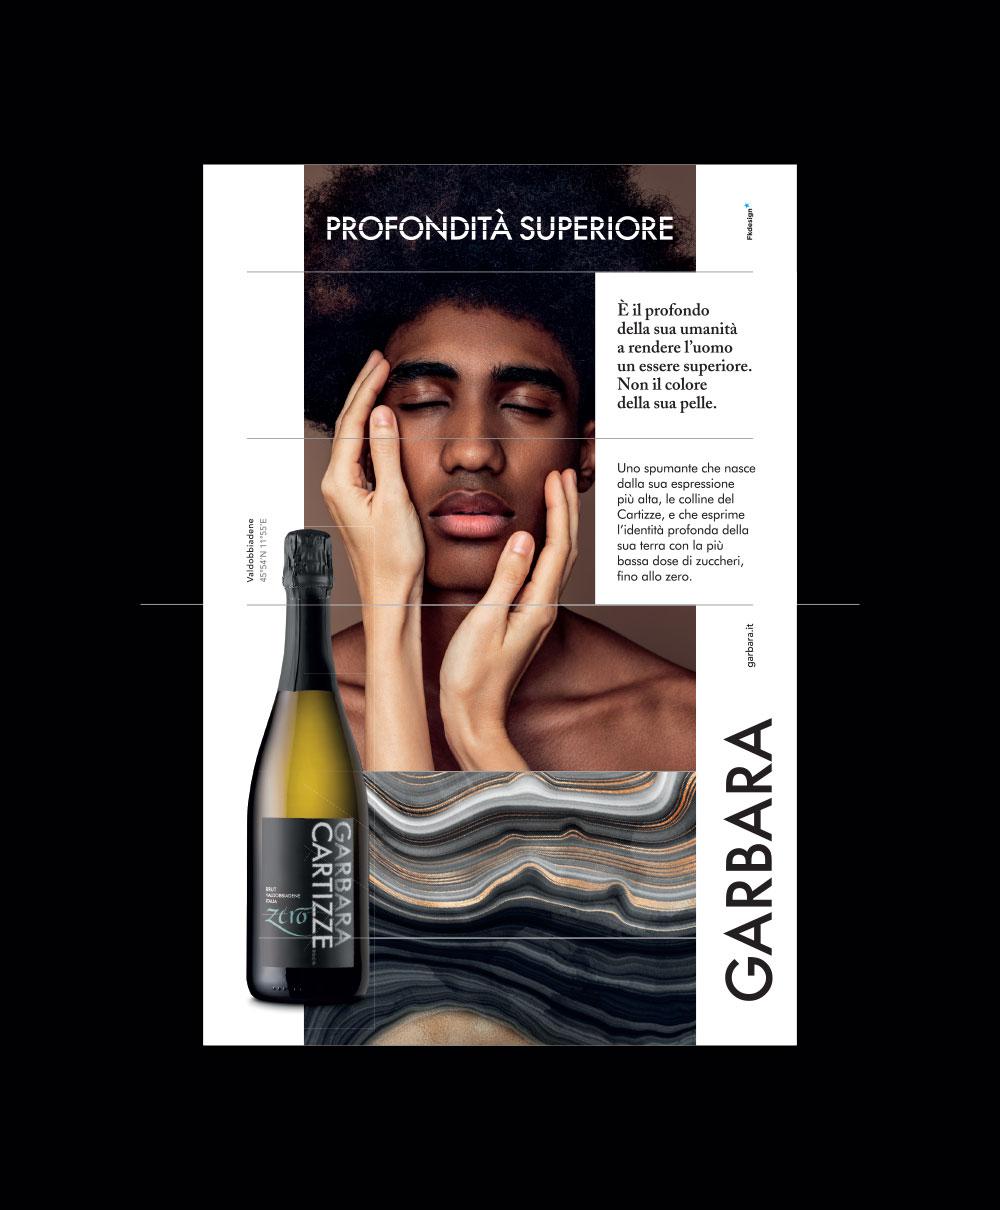 Garbara-pagina-pubblicitaria-1